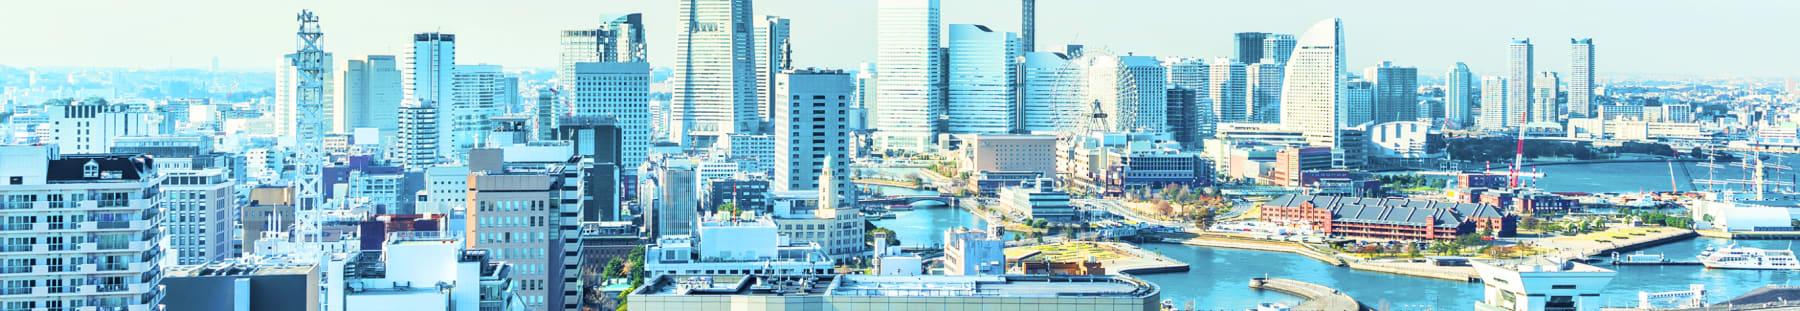 川崎市宮前区のレンタルスペース・貸し会議室